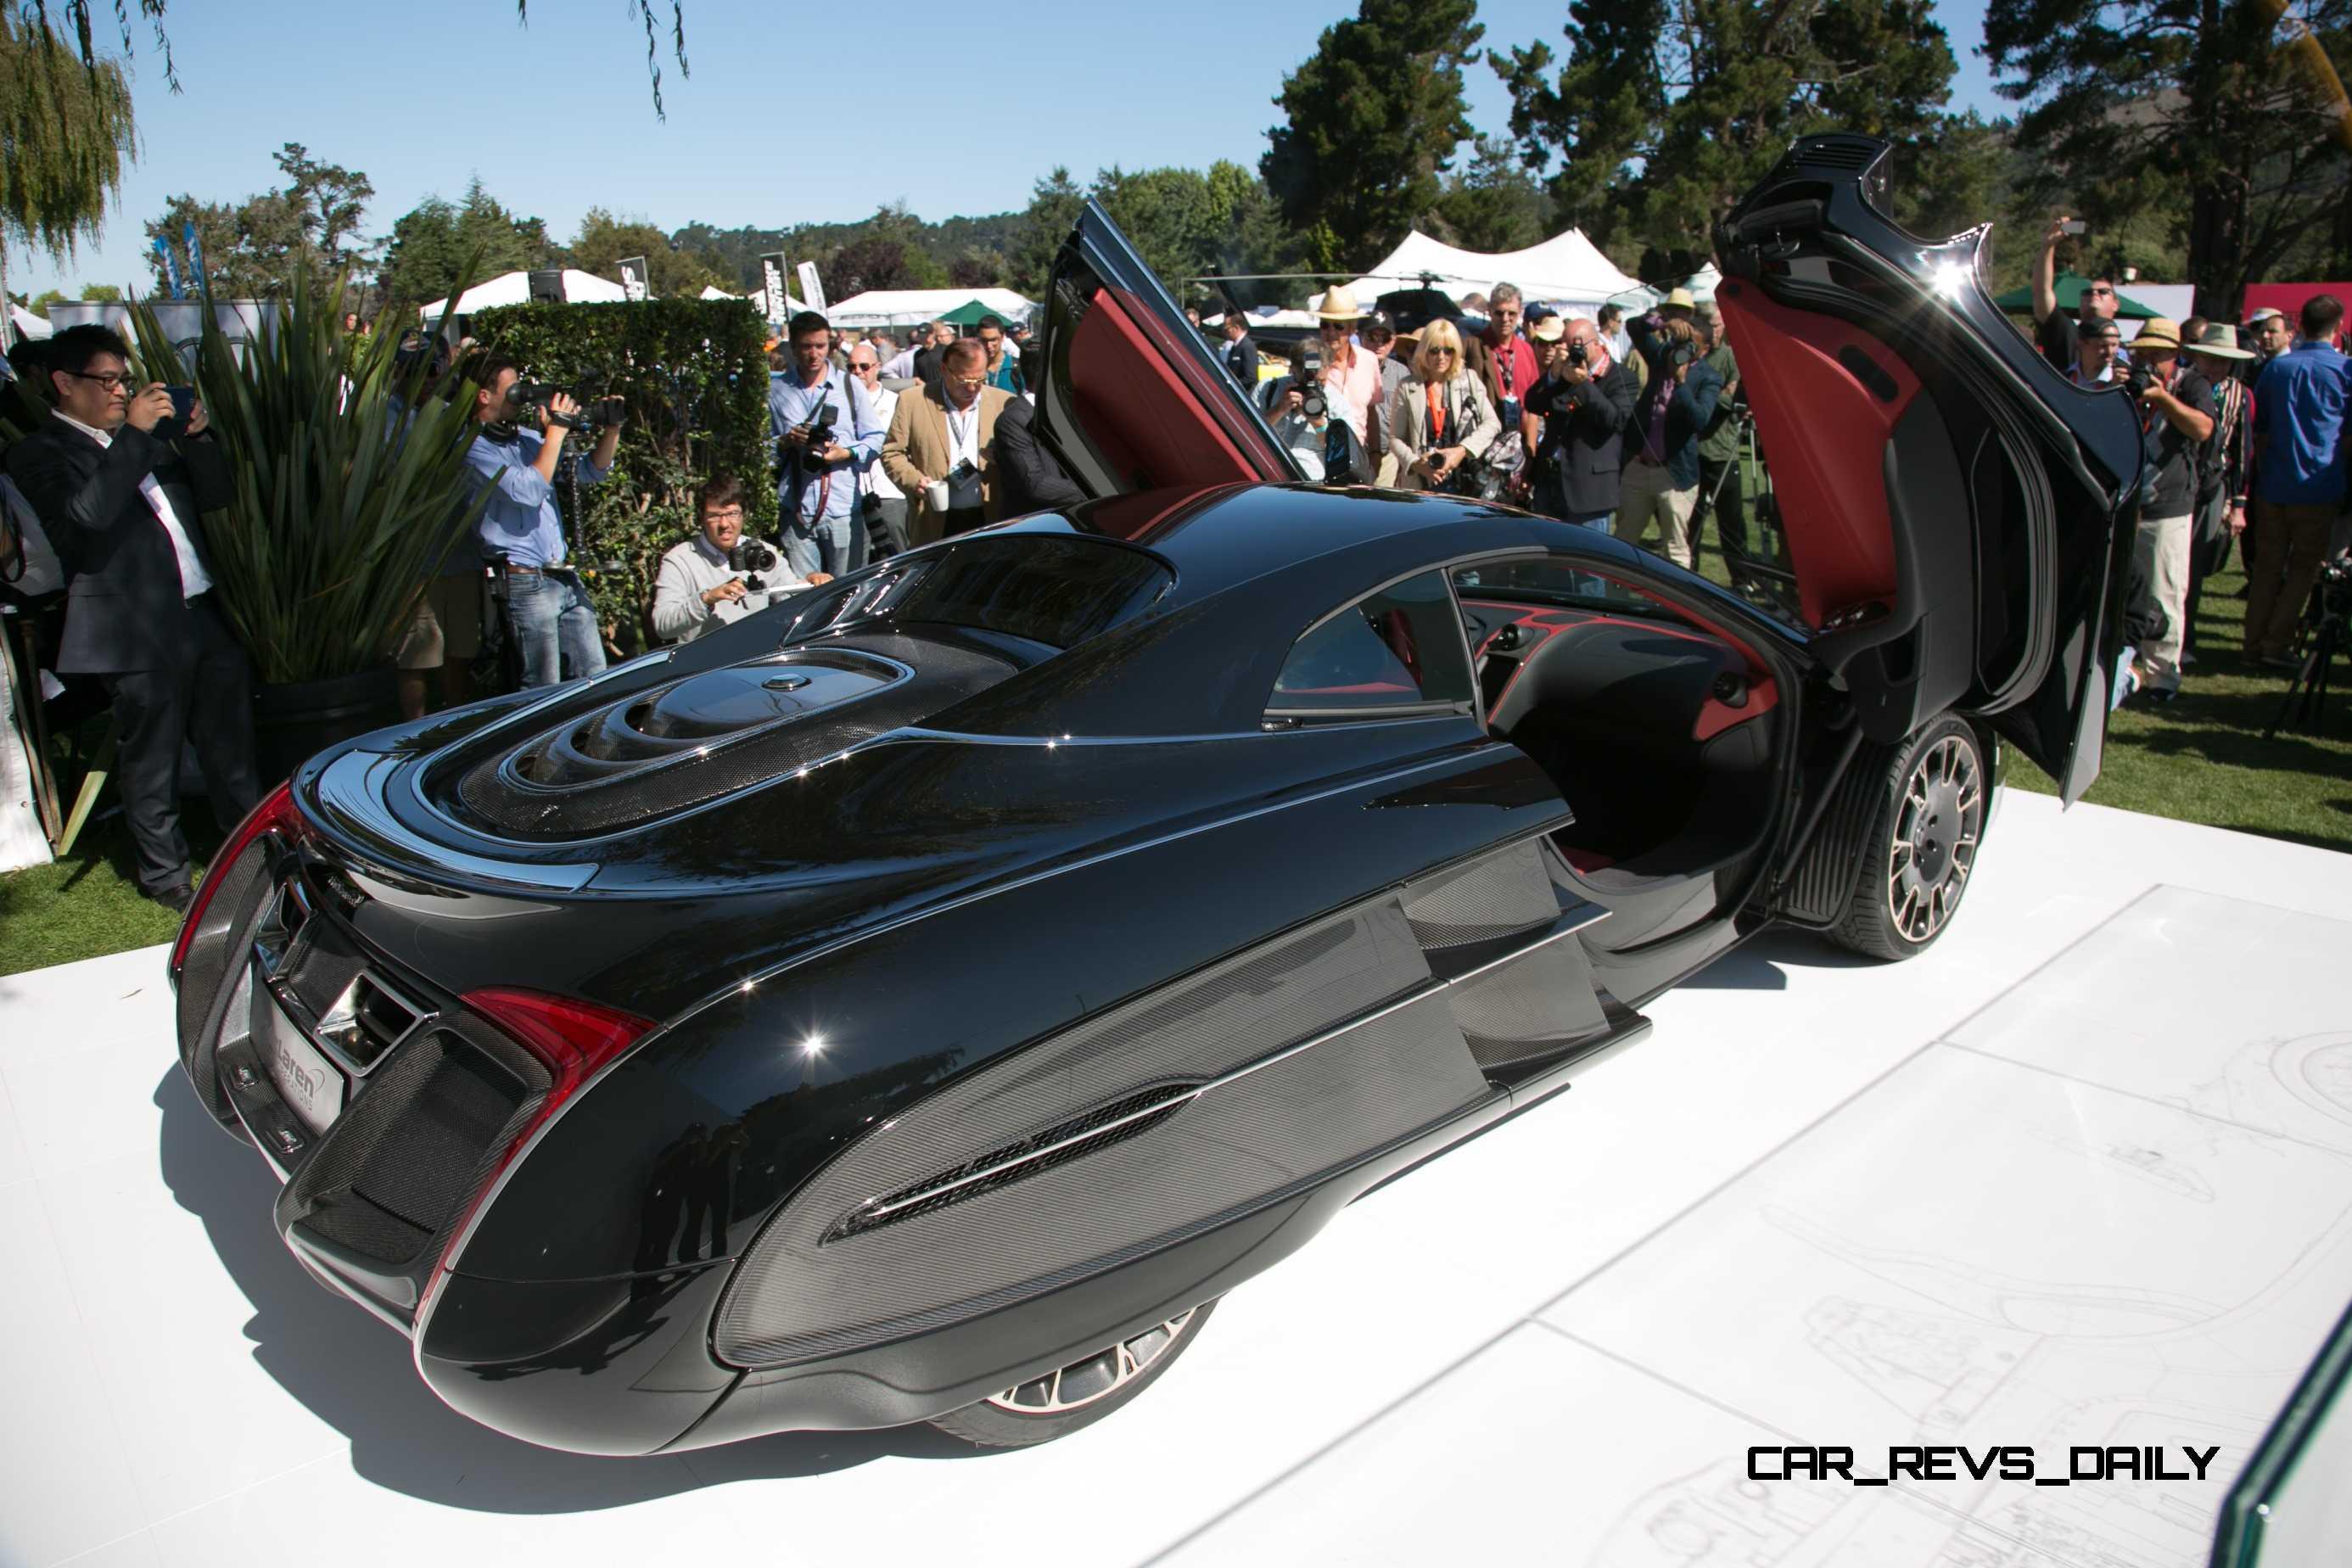 http://www.car-revs-daily.com/wp-content/uploads/2014/12/2012-McLaren-X-1-11.jpg